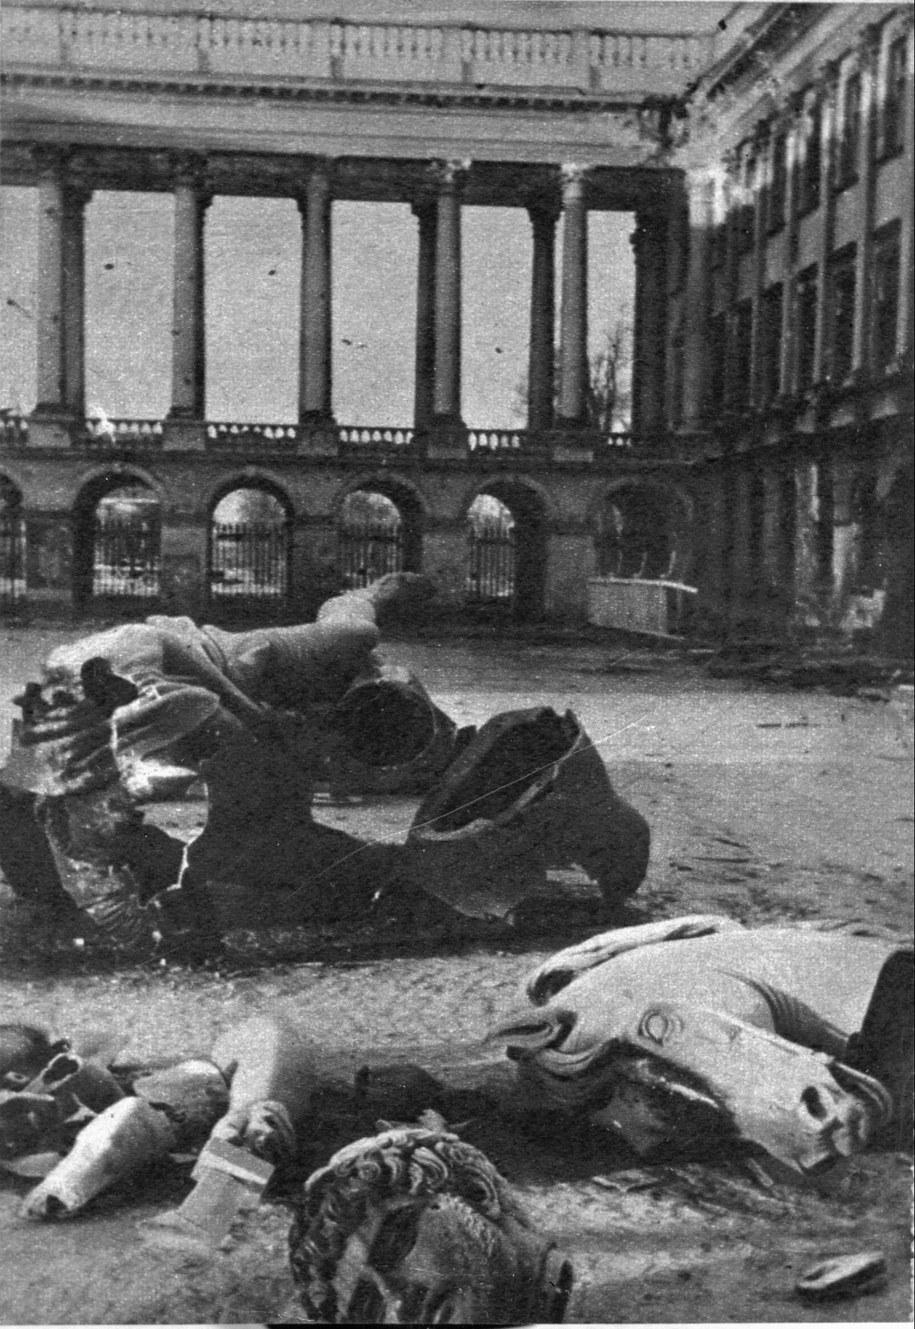 Zniszczony Pomnik księcia Józefa Poniatowskiego. Warszawa, 10 października 1944 roku. /CAF /PAP